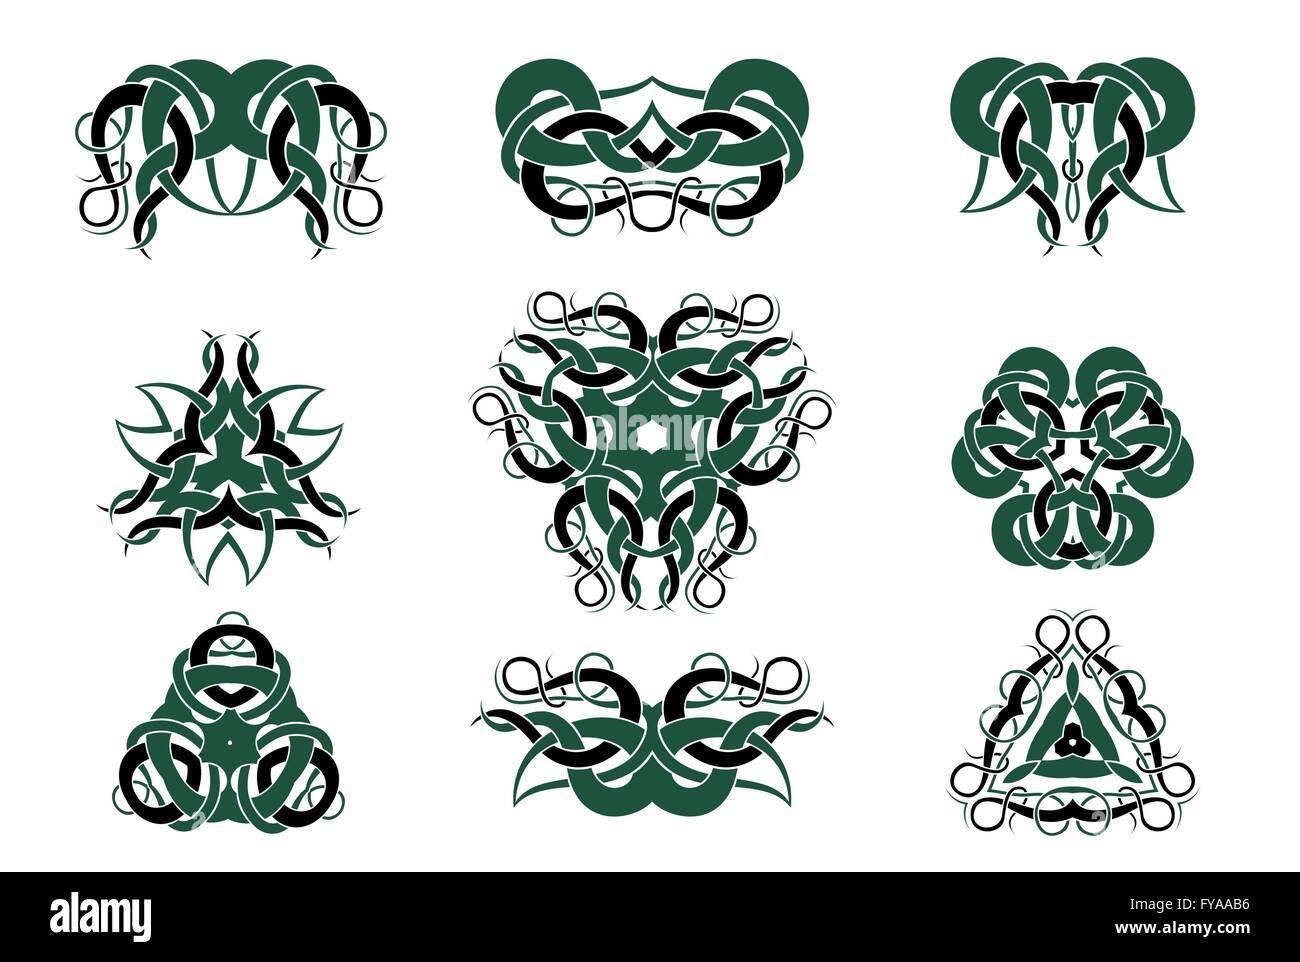 Celtic Knotwork Tattoo Art, Circular Mandalas, Floral Pattern And Baroque  Retro Ornaments Vector Design Set.